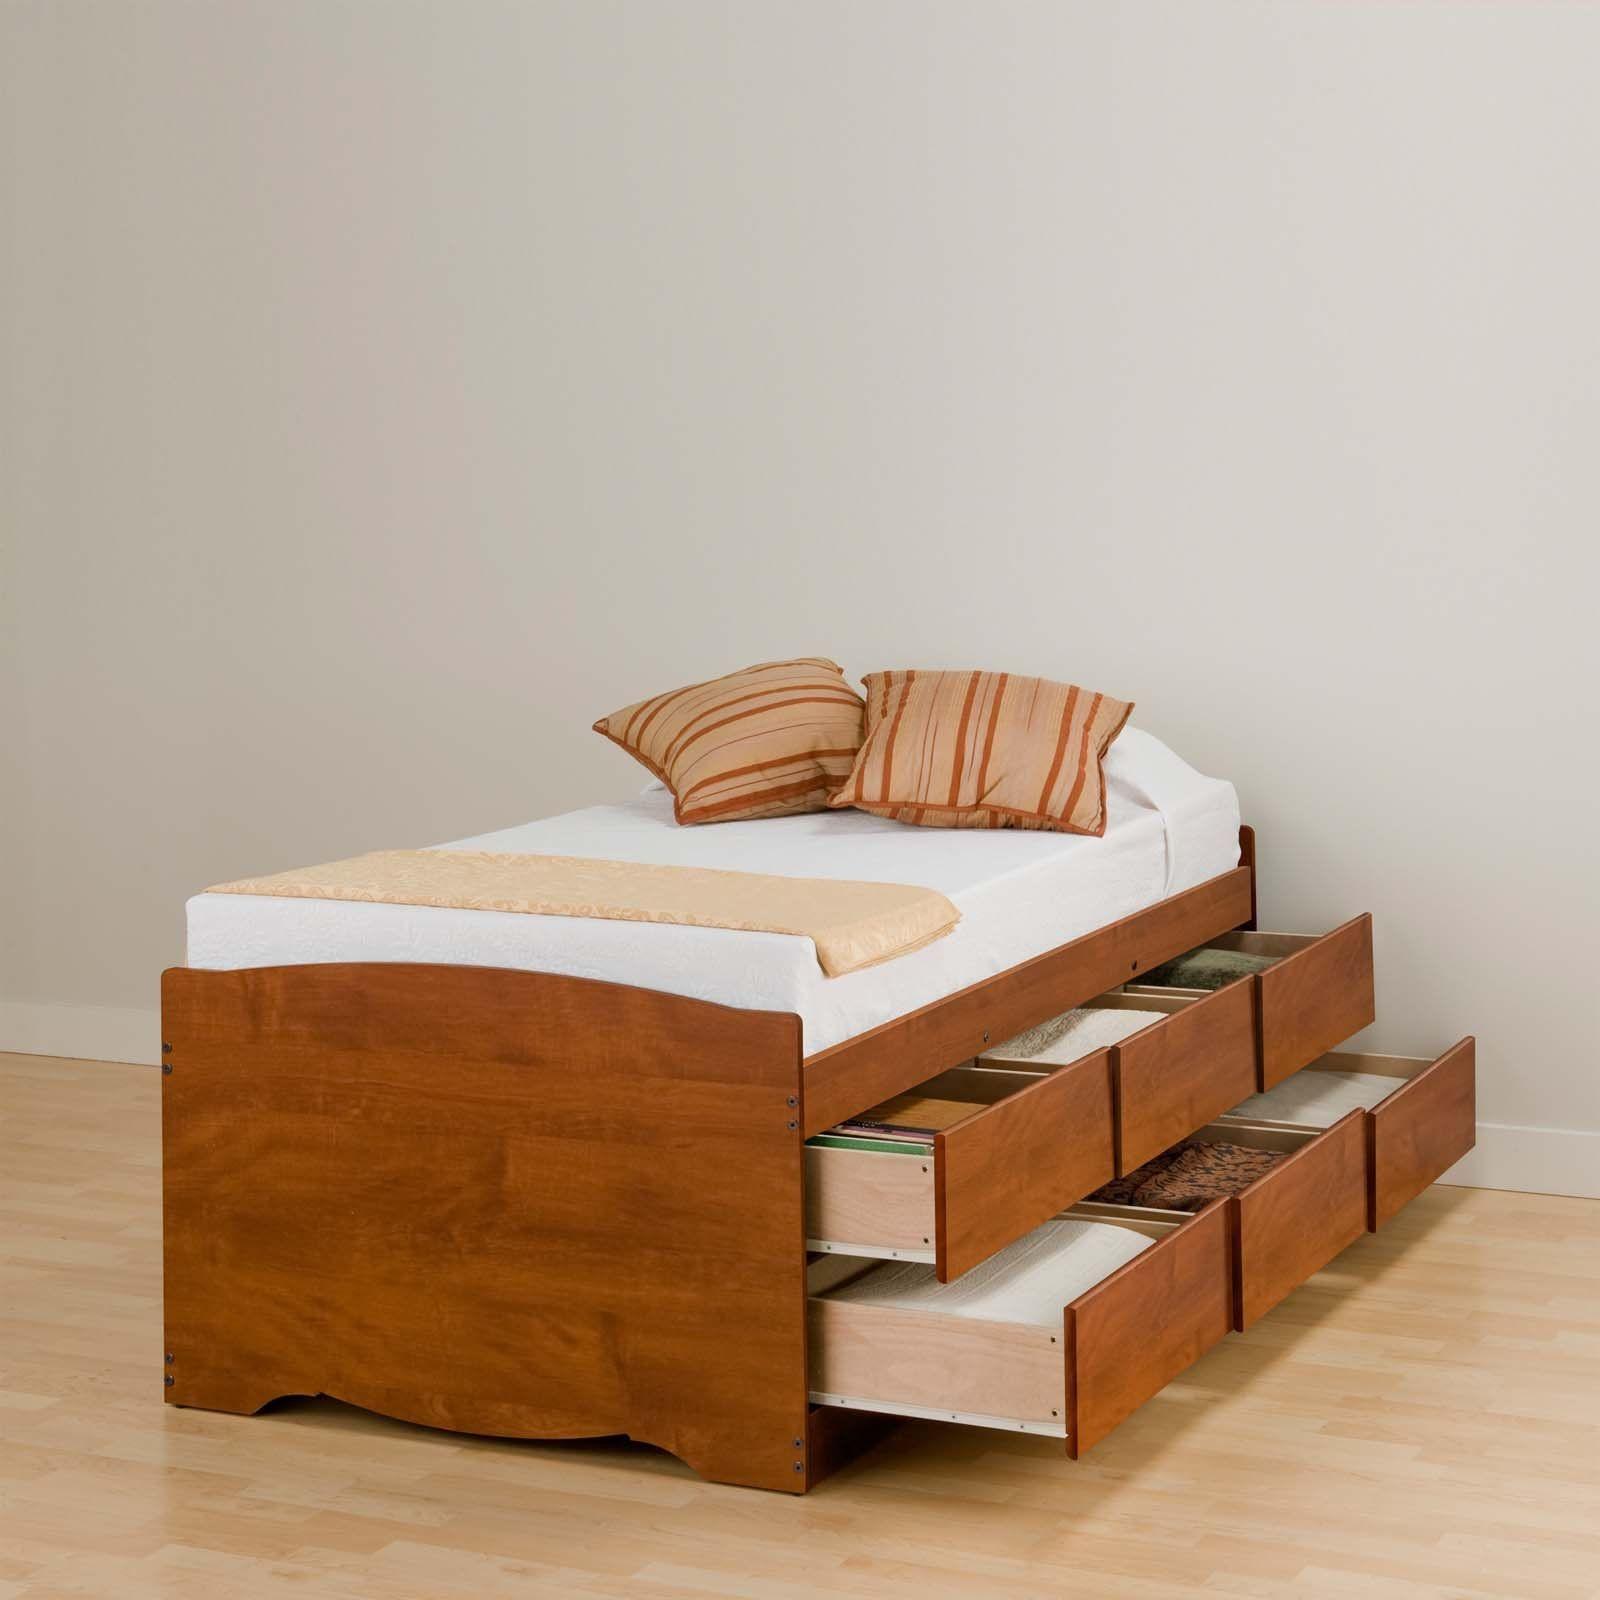 Prepac monterey cherry tall queen platform storage bed with